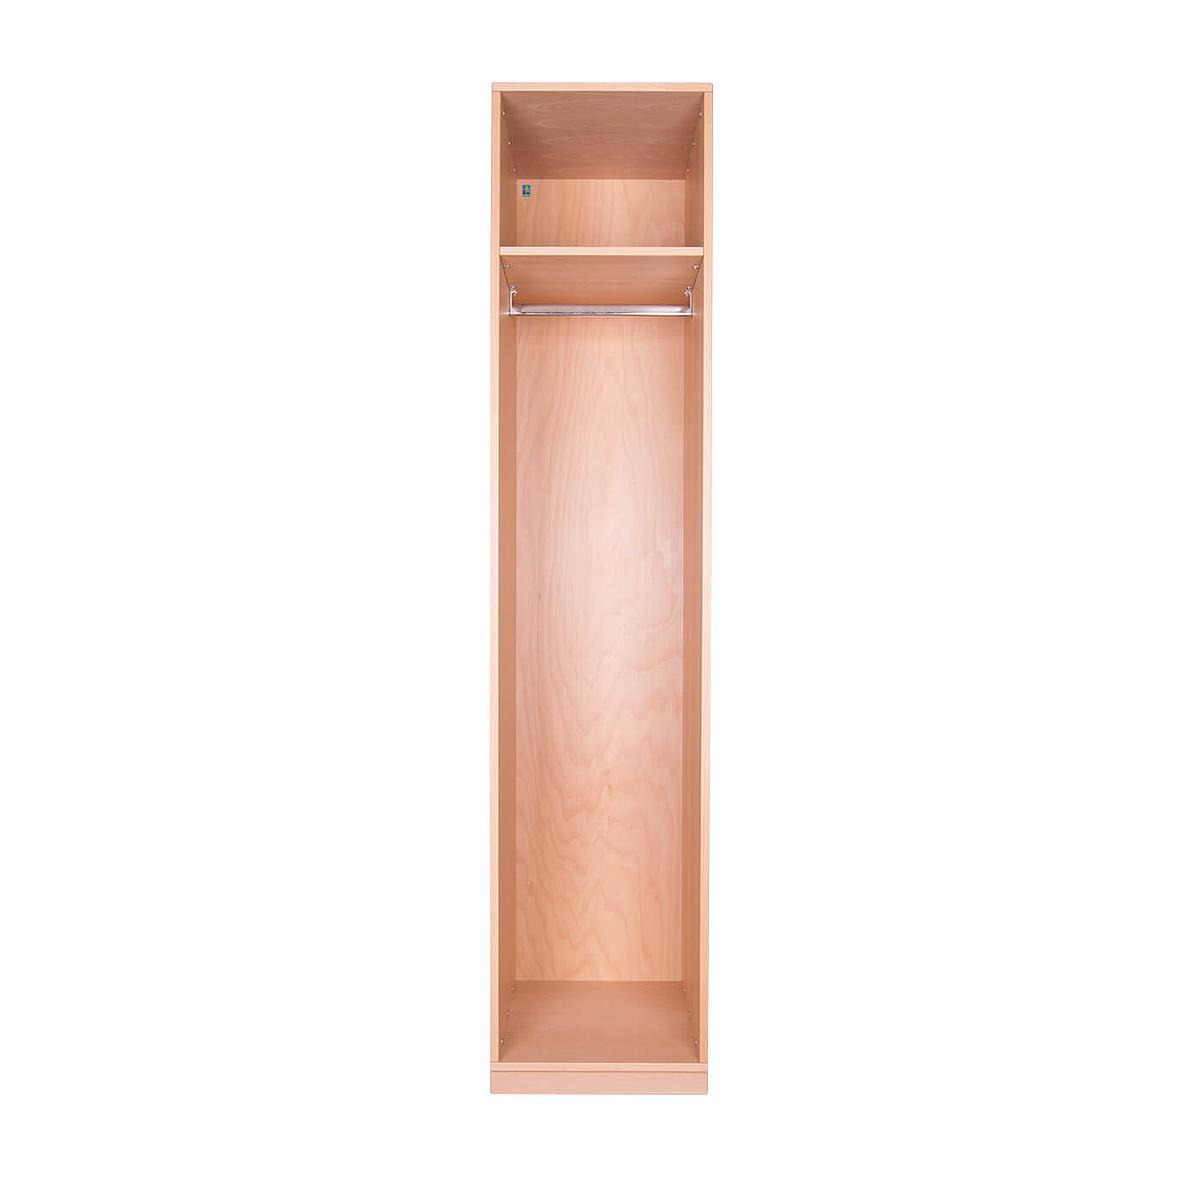 Kleiderschrank 1-türig hoch 219x48x60cm ohne Türen DESTYLE de Breuyn Buchenfurnierte Spanplatte natur geölt